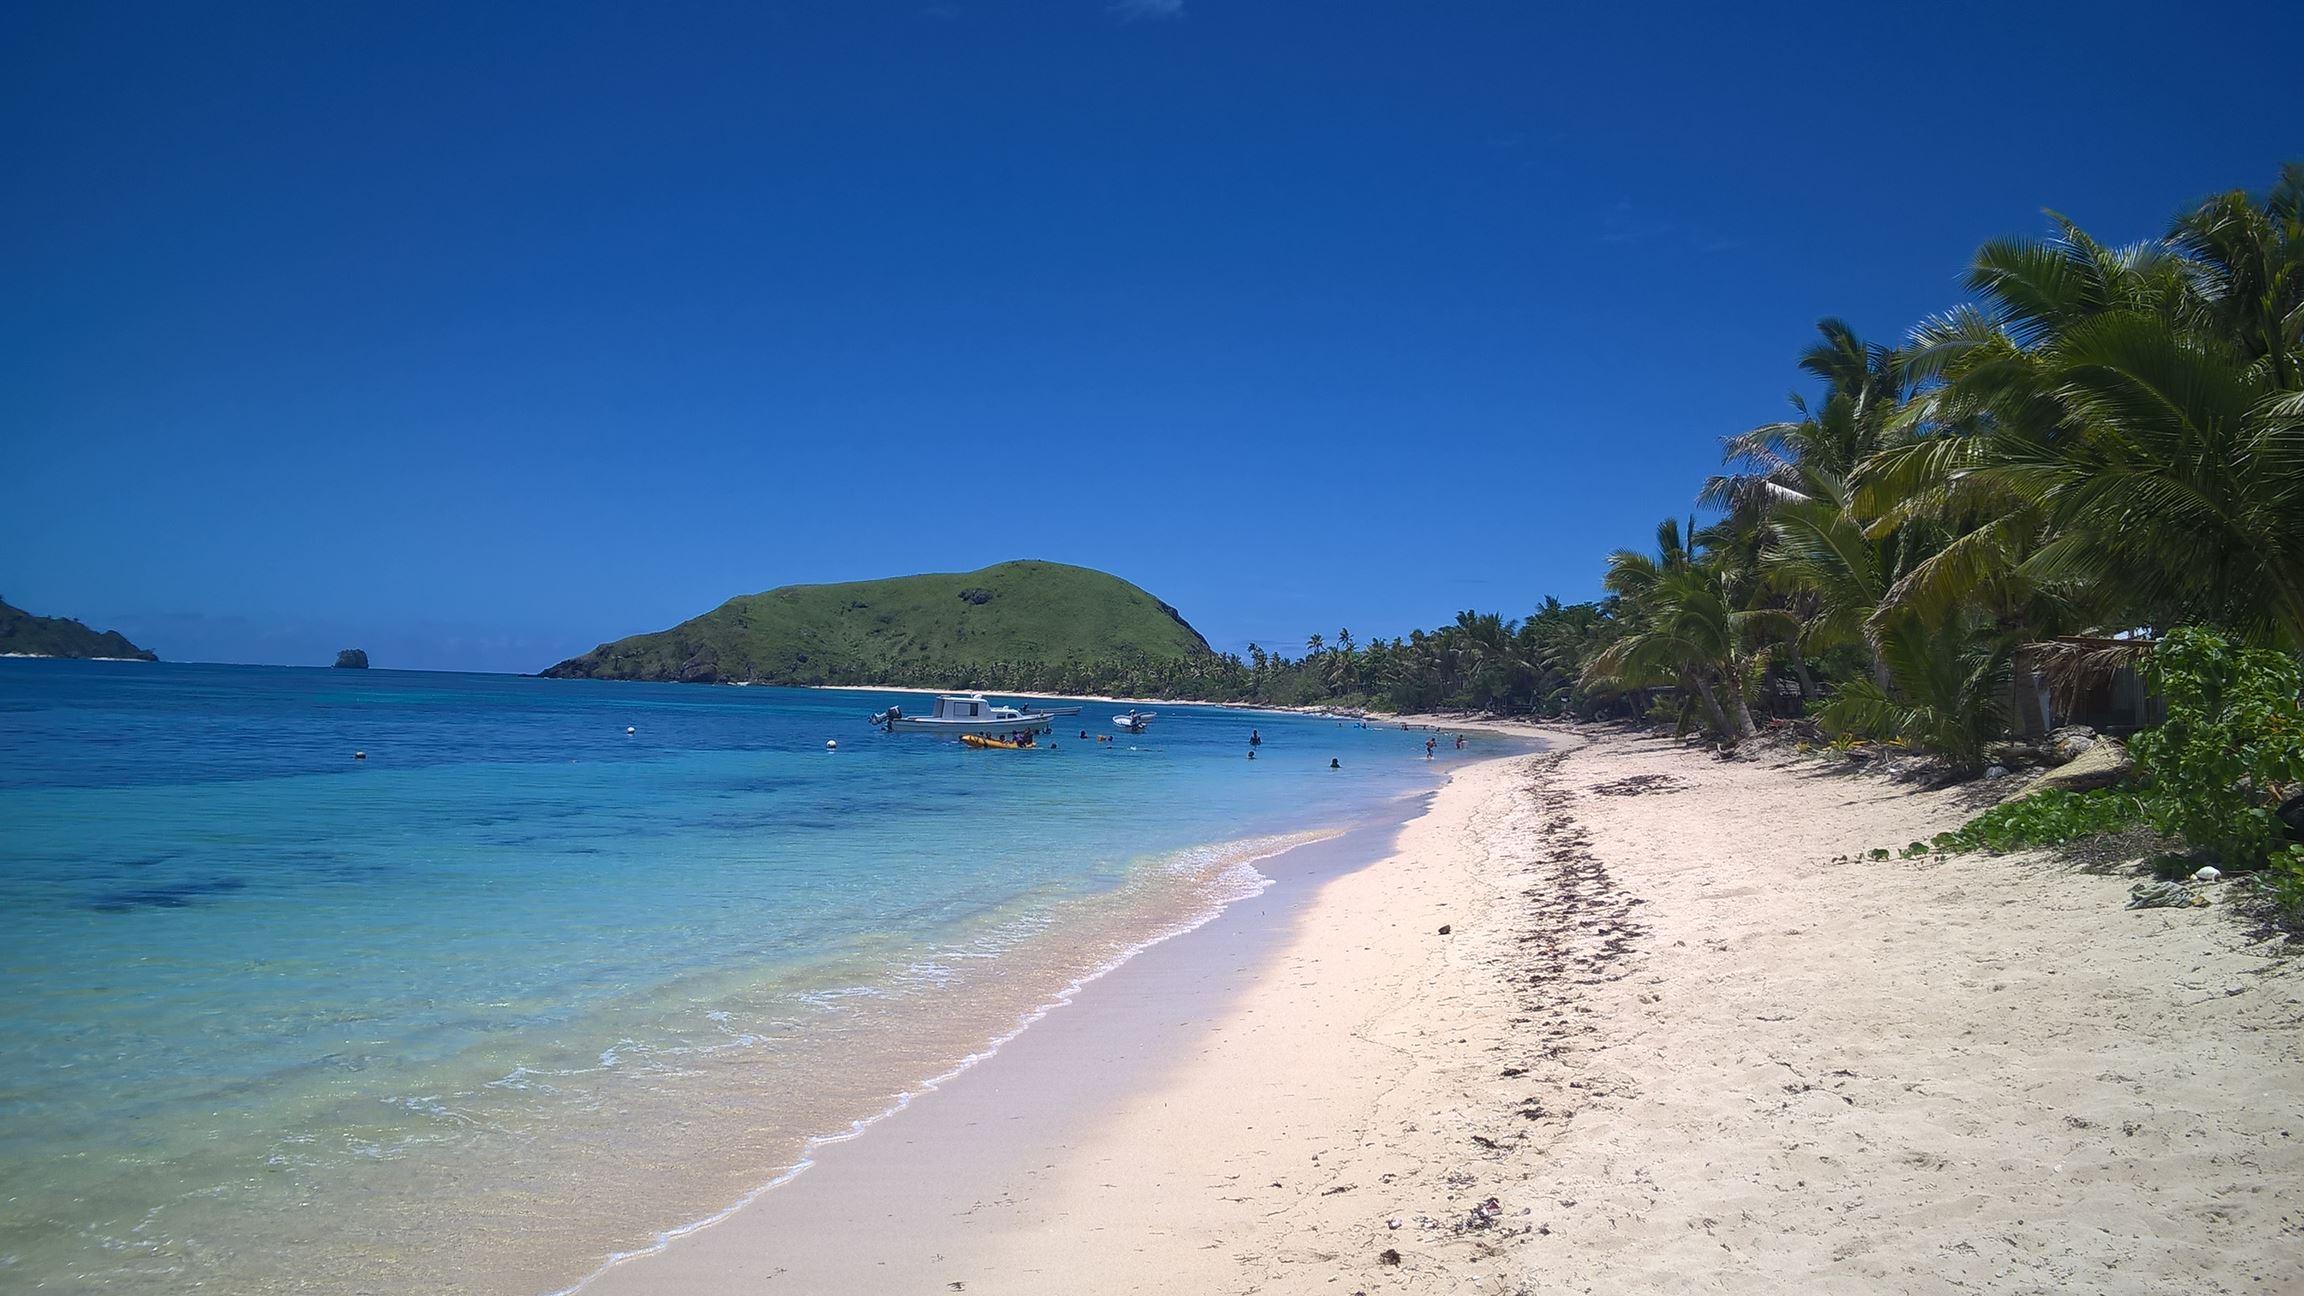 Der Strand vor dem kleinen Dorf...